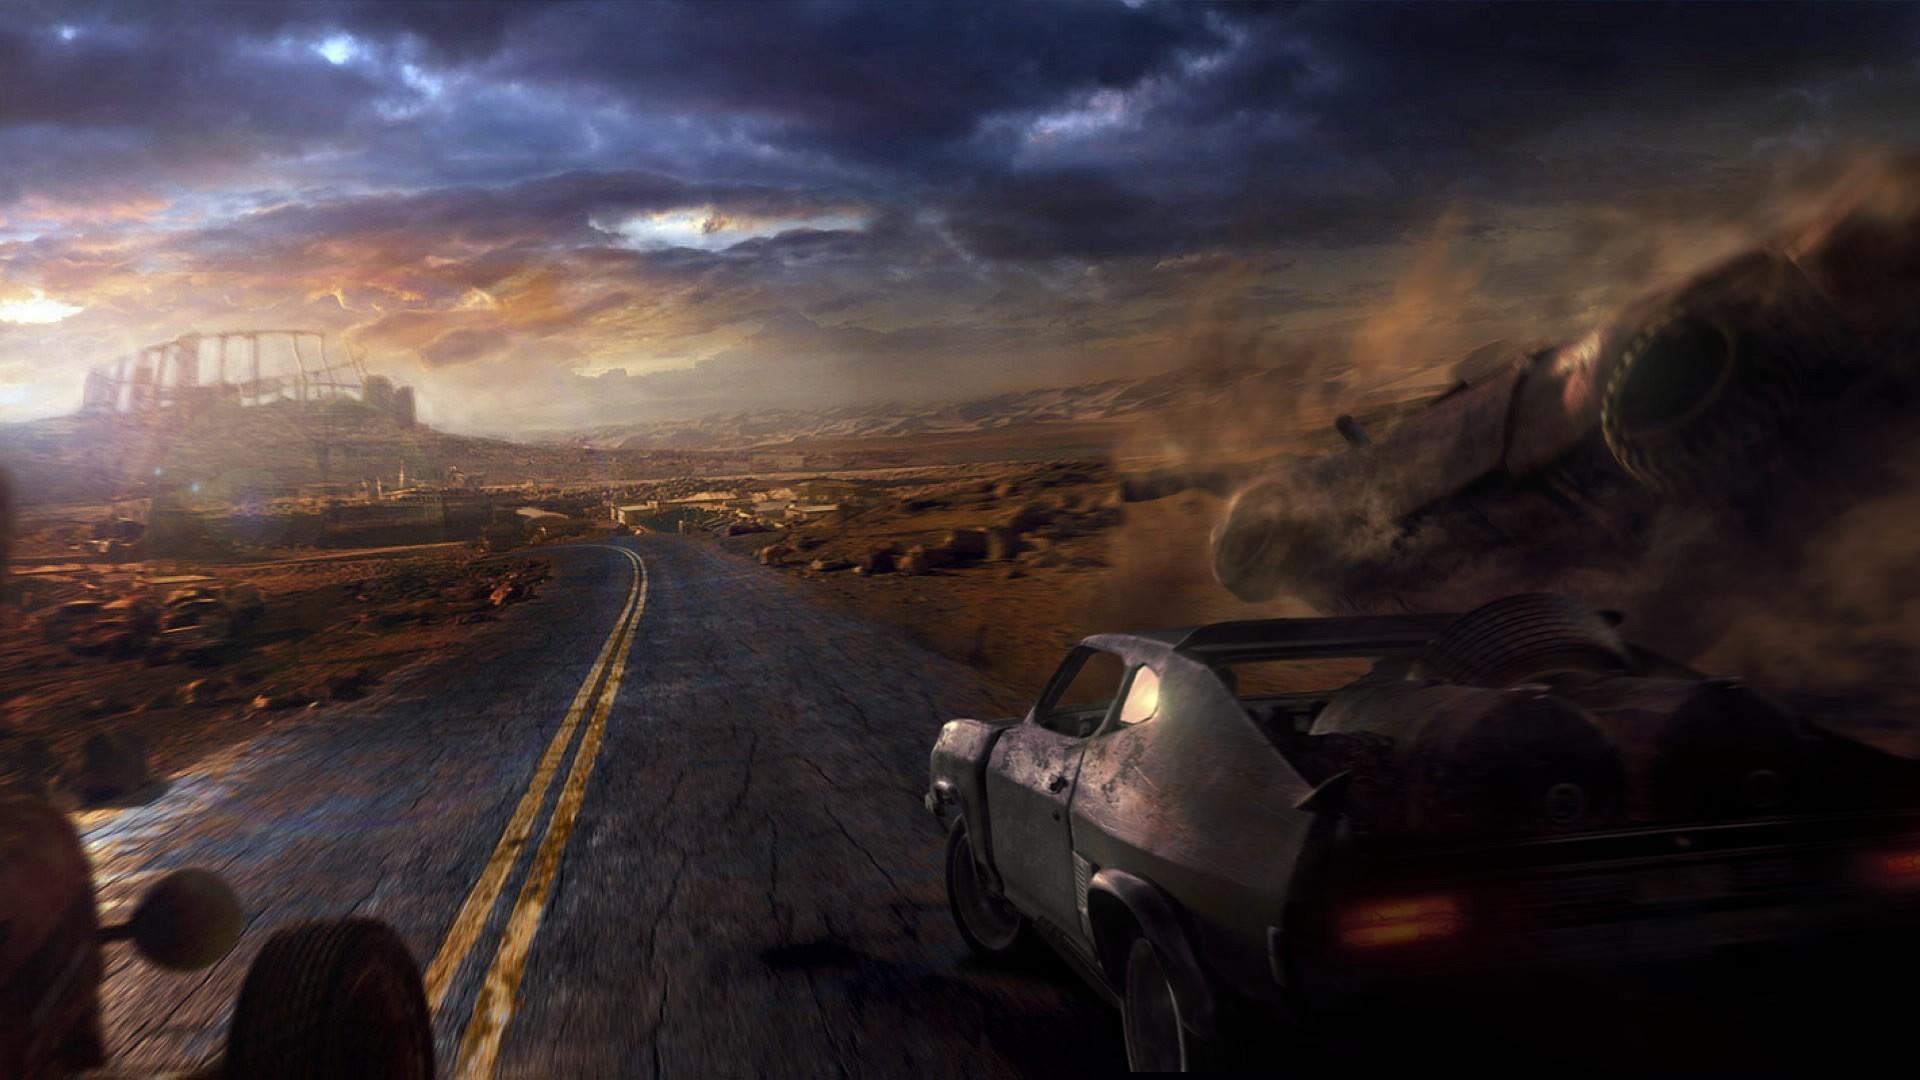 سی دی کی اریجینال استیم بازی Mad Max